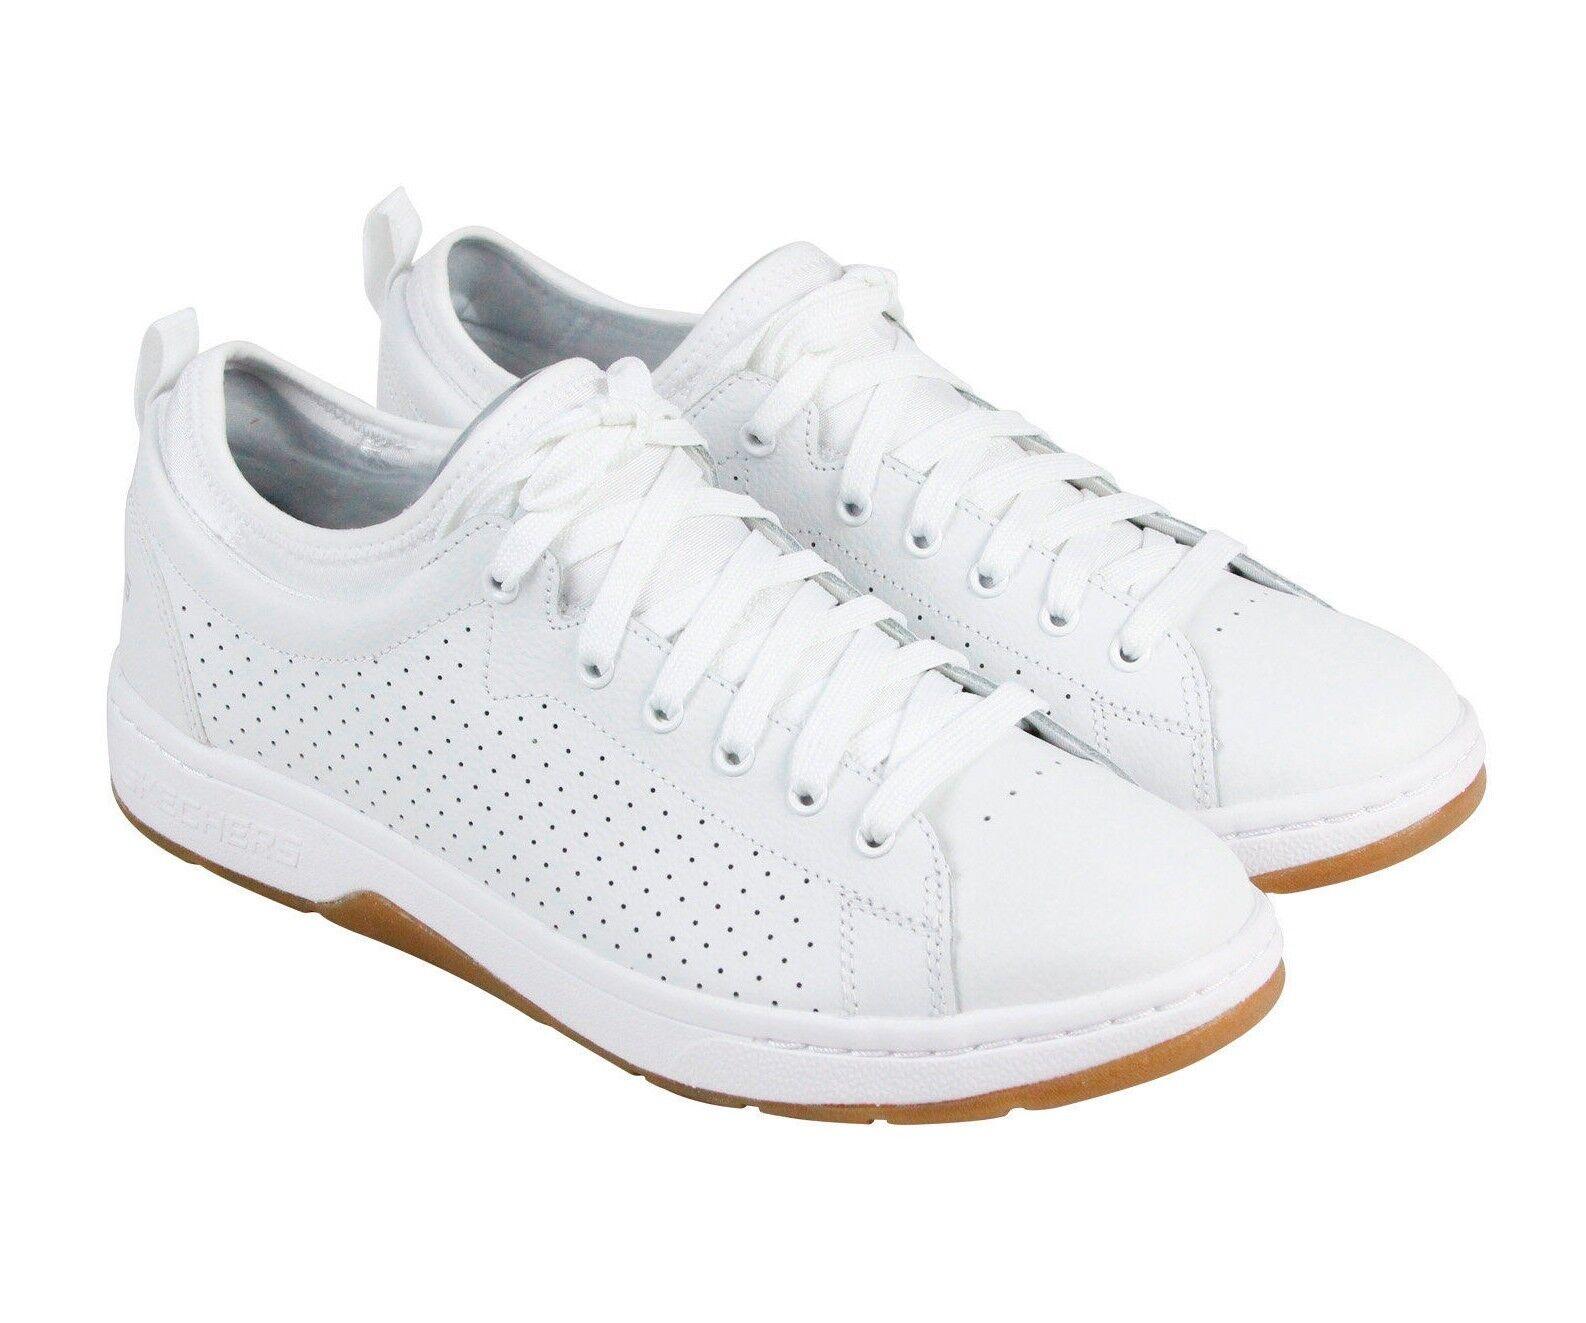 Skechers 52372 / sproles cosa alpha lite sproles / mn (m) di pelle bianca, scarpe da ginnastica cd1cb5